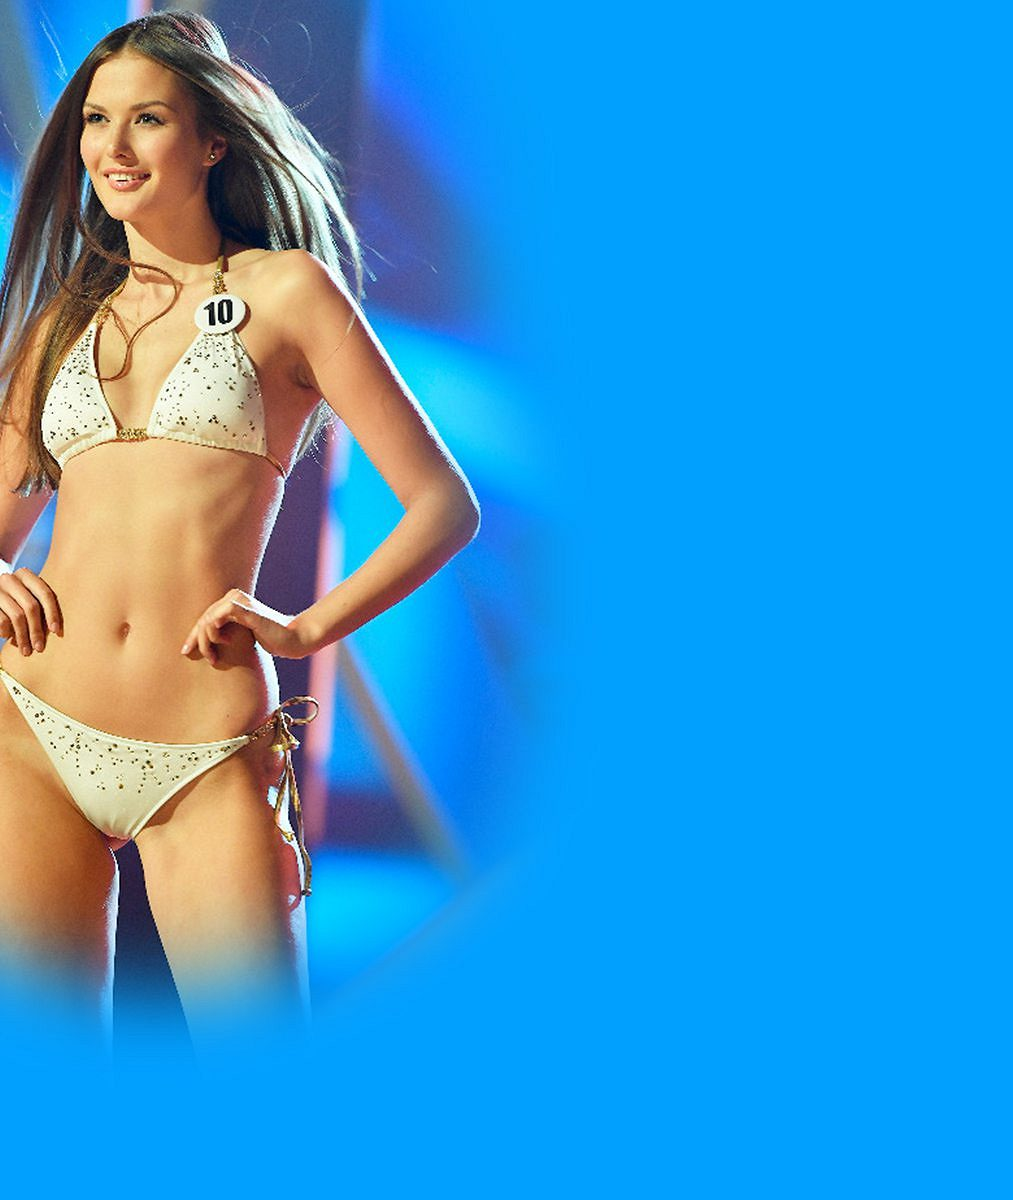 Zhubla a je to znát. Třetí nejkrásnější dívka planety Země oslavila 21. narozeniny v bikinách v Řecku